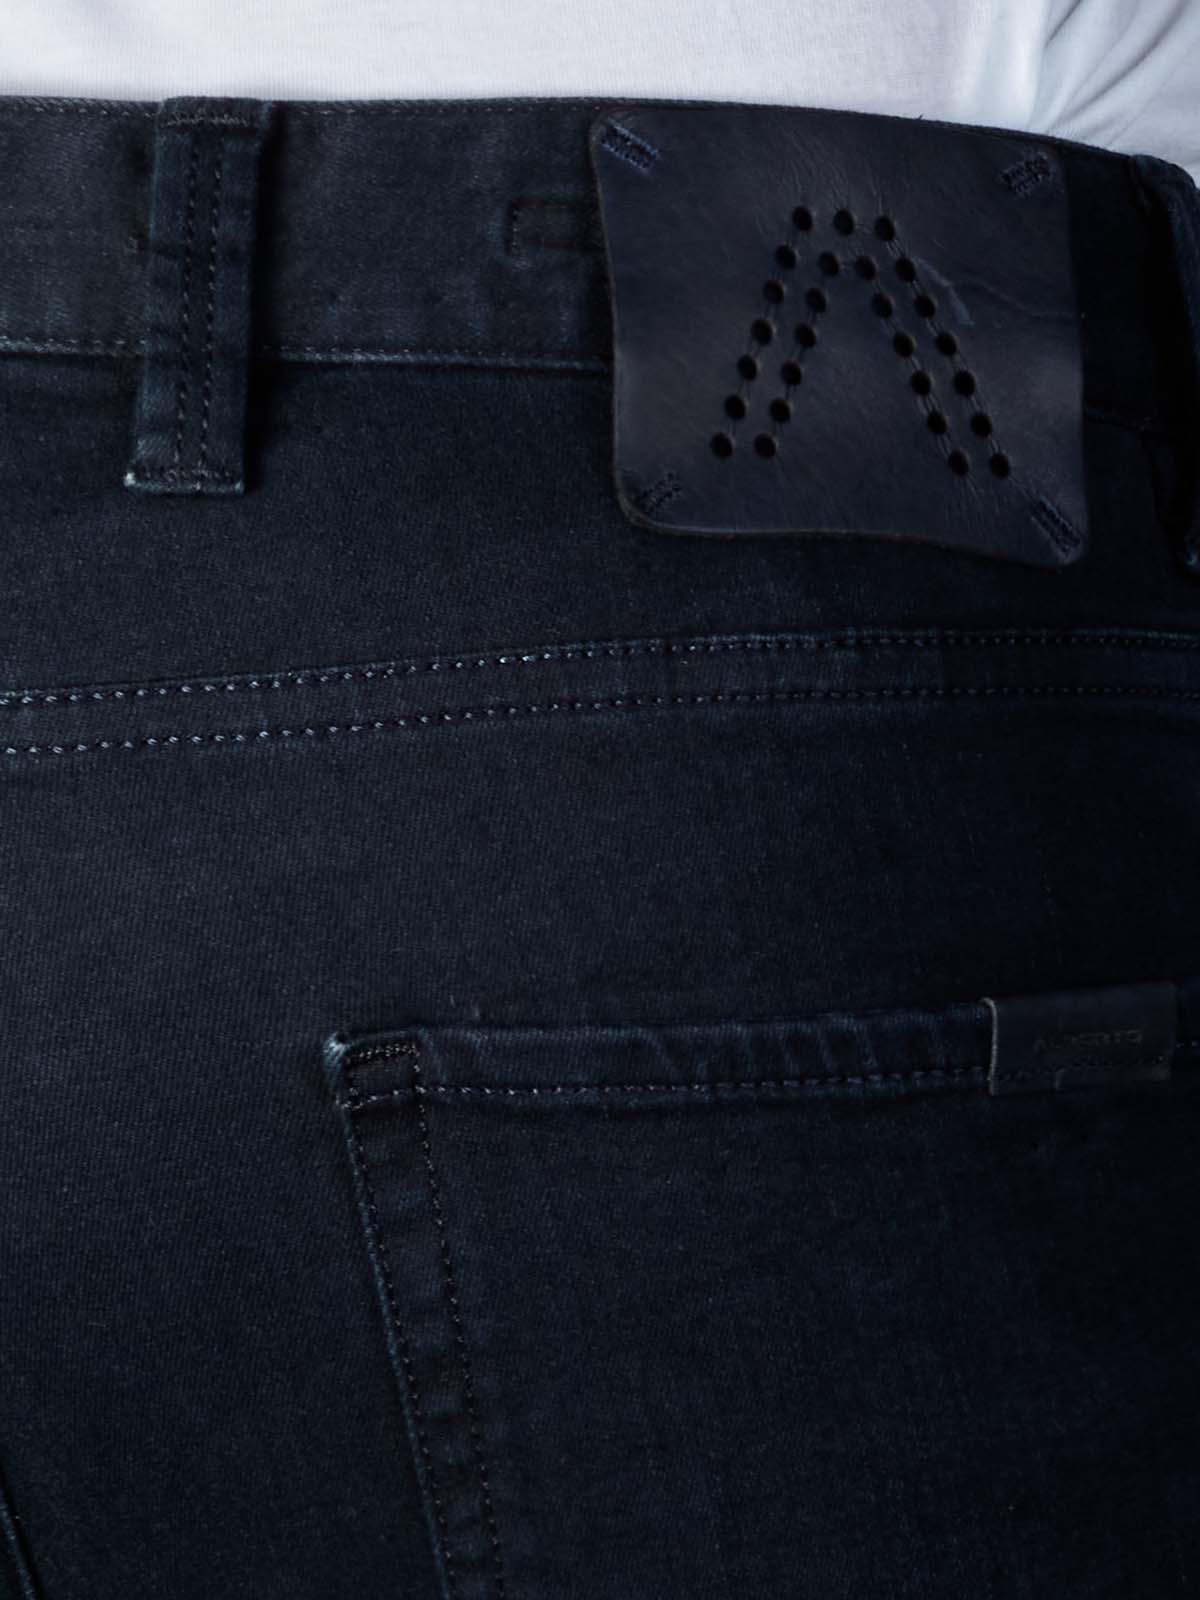 0186 alberto slim jeans blue dark denim 4837 1484 895 d 5